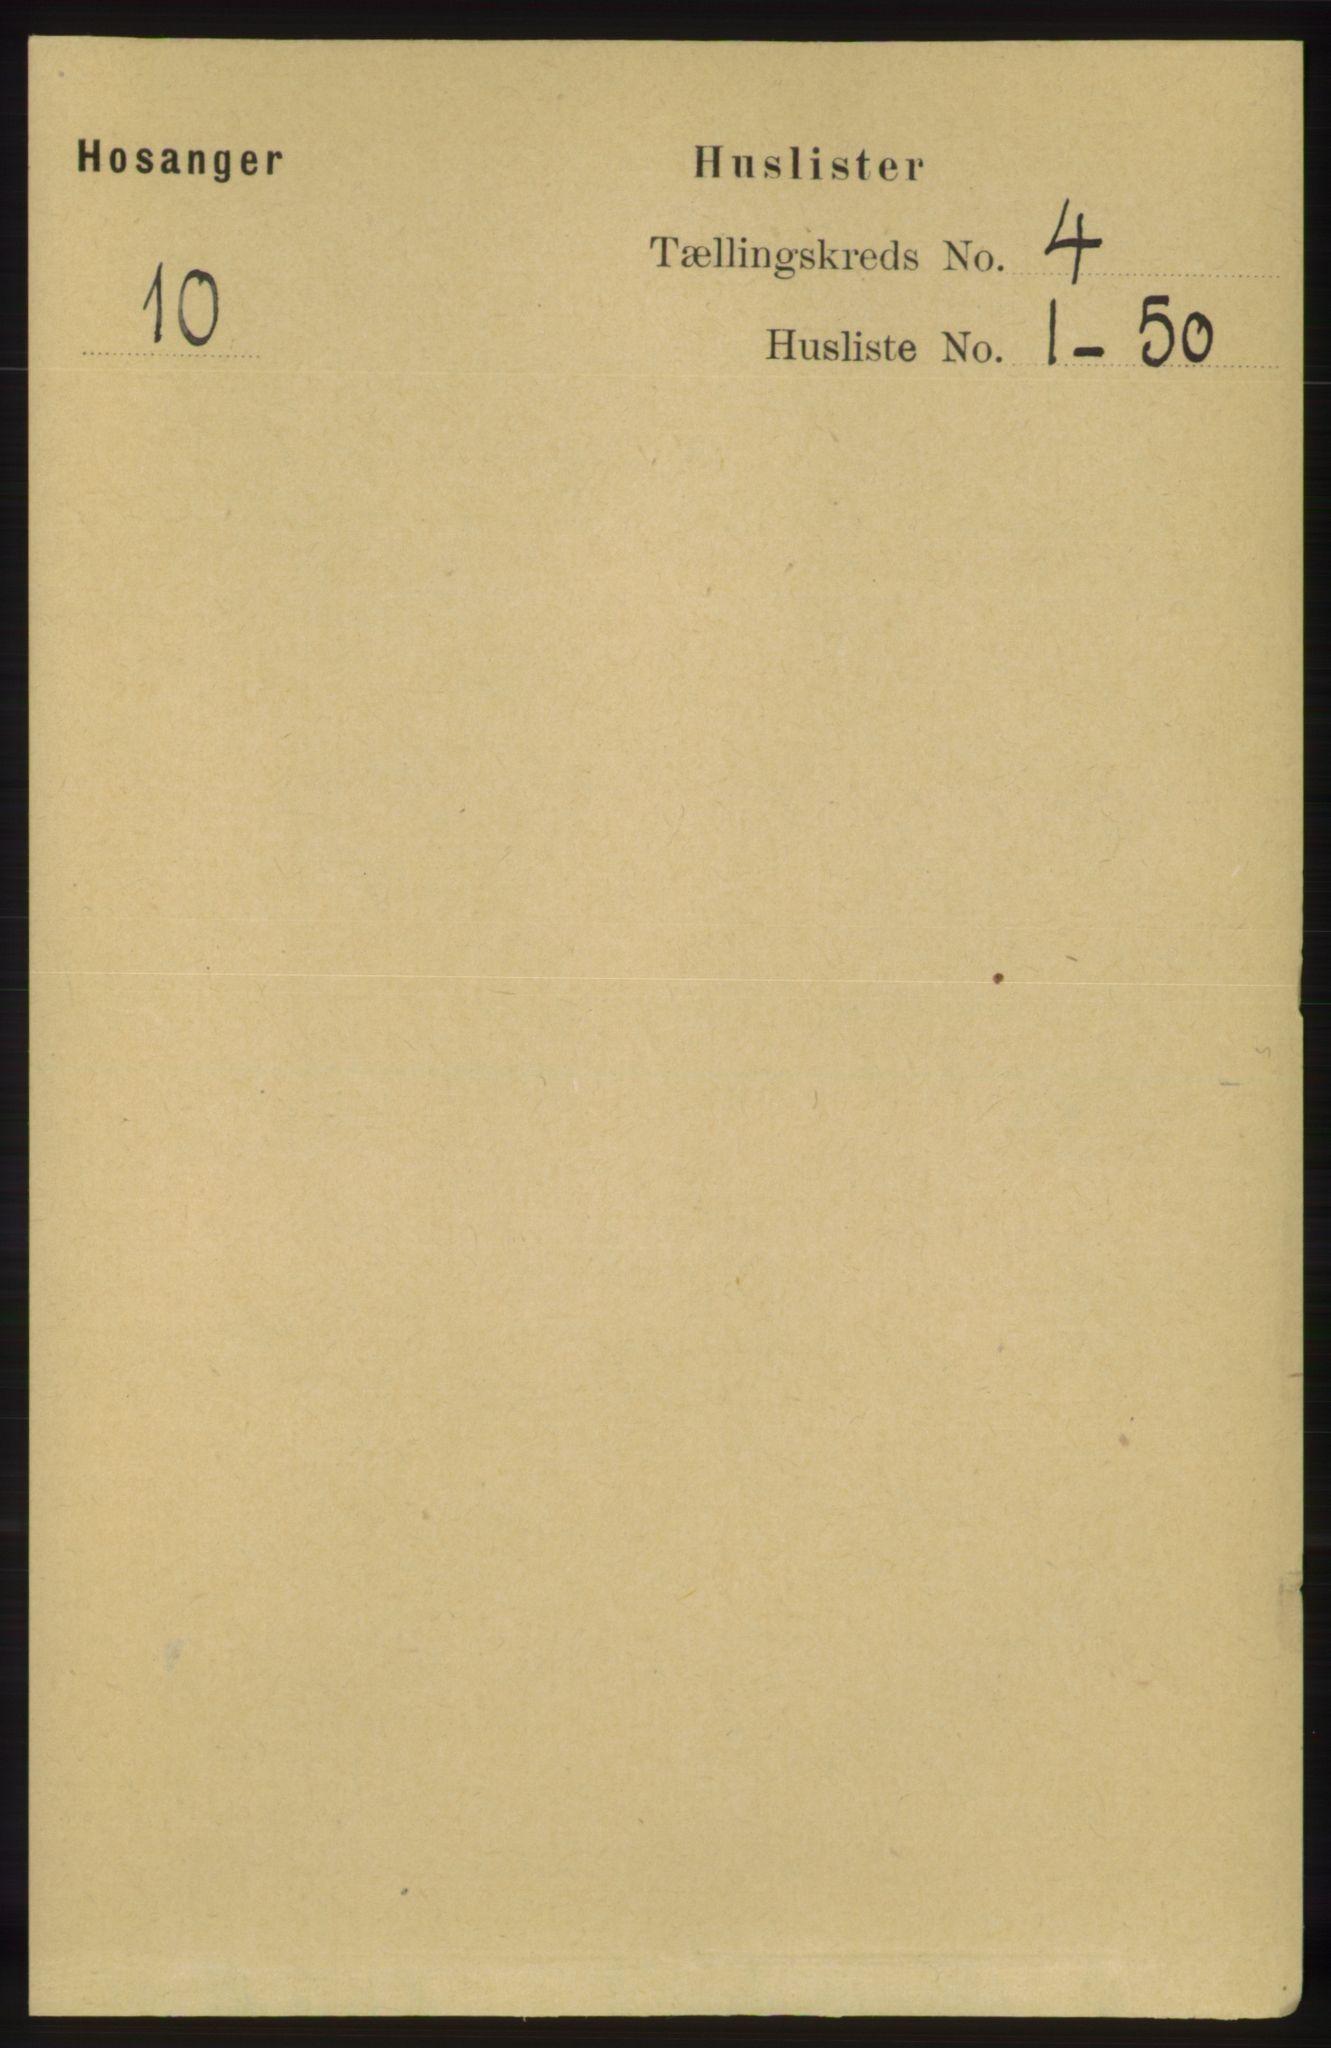 RA, Folketelling 1891 for 1253 Hosanger herred, 1891, s. 1388